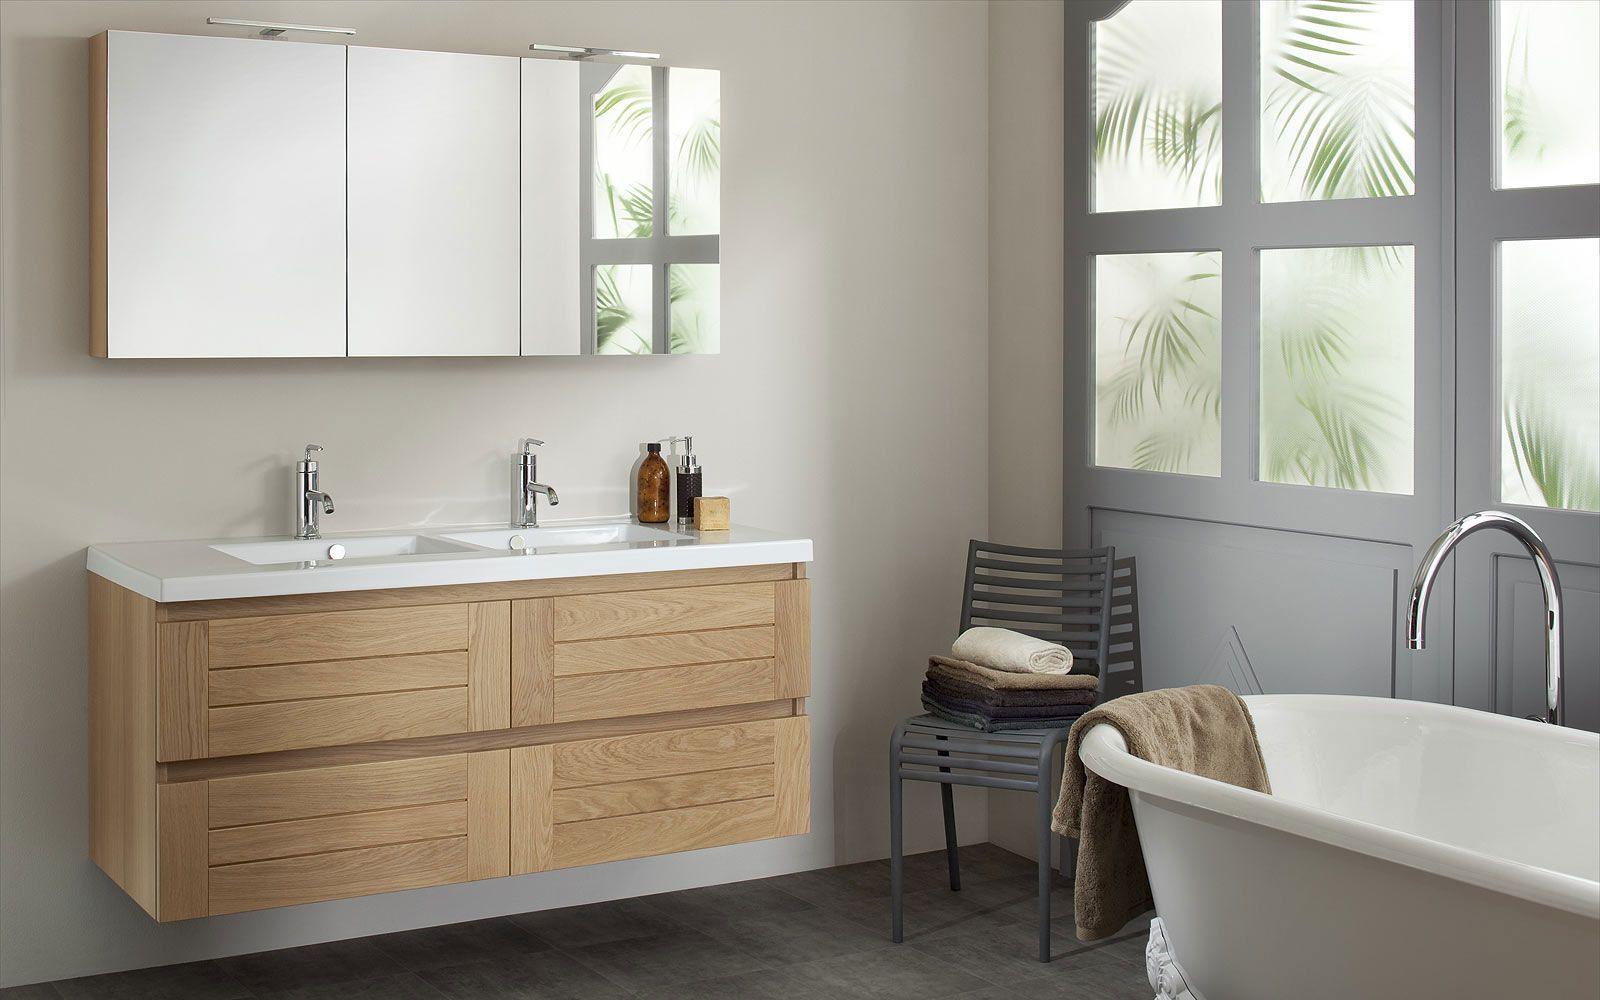 espace aubade meuble salle de bain